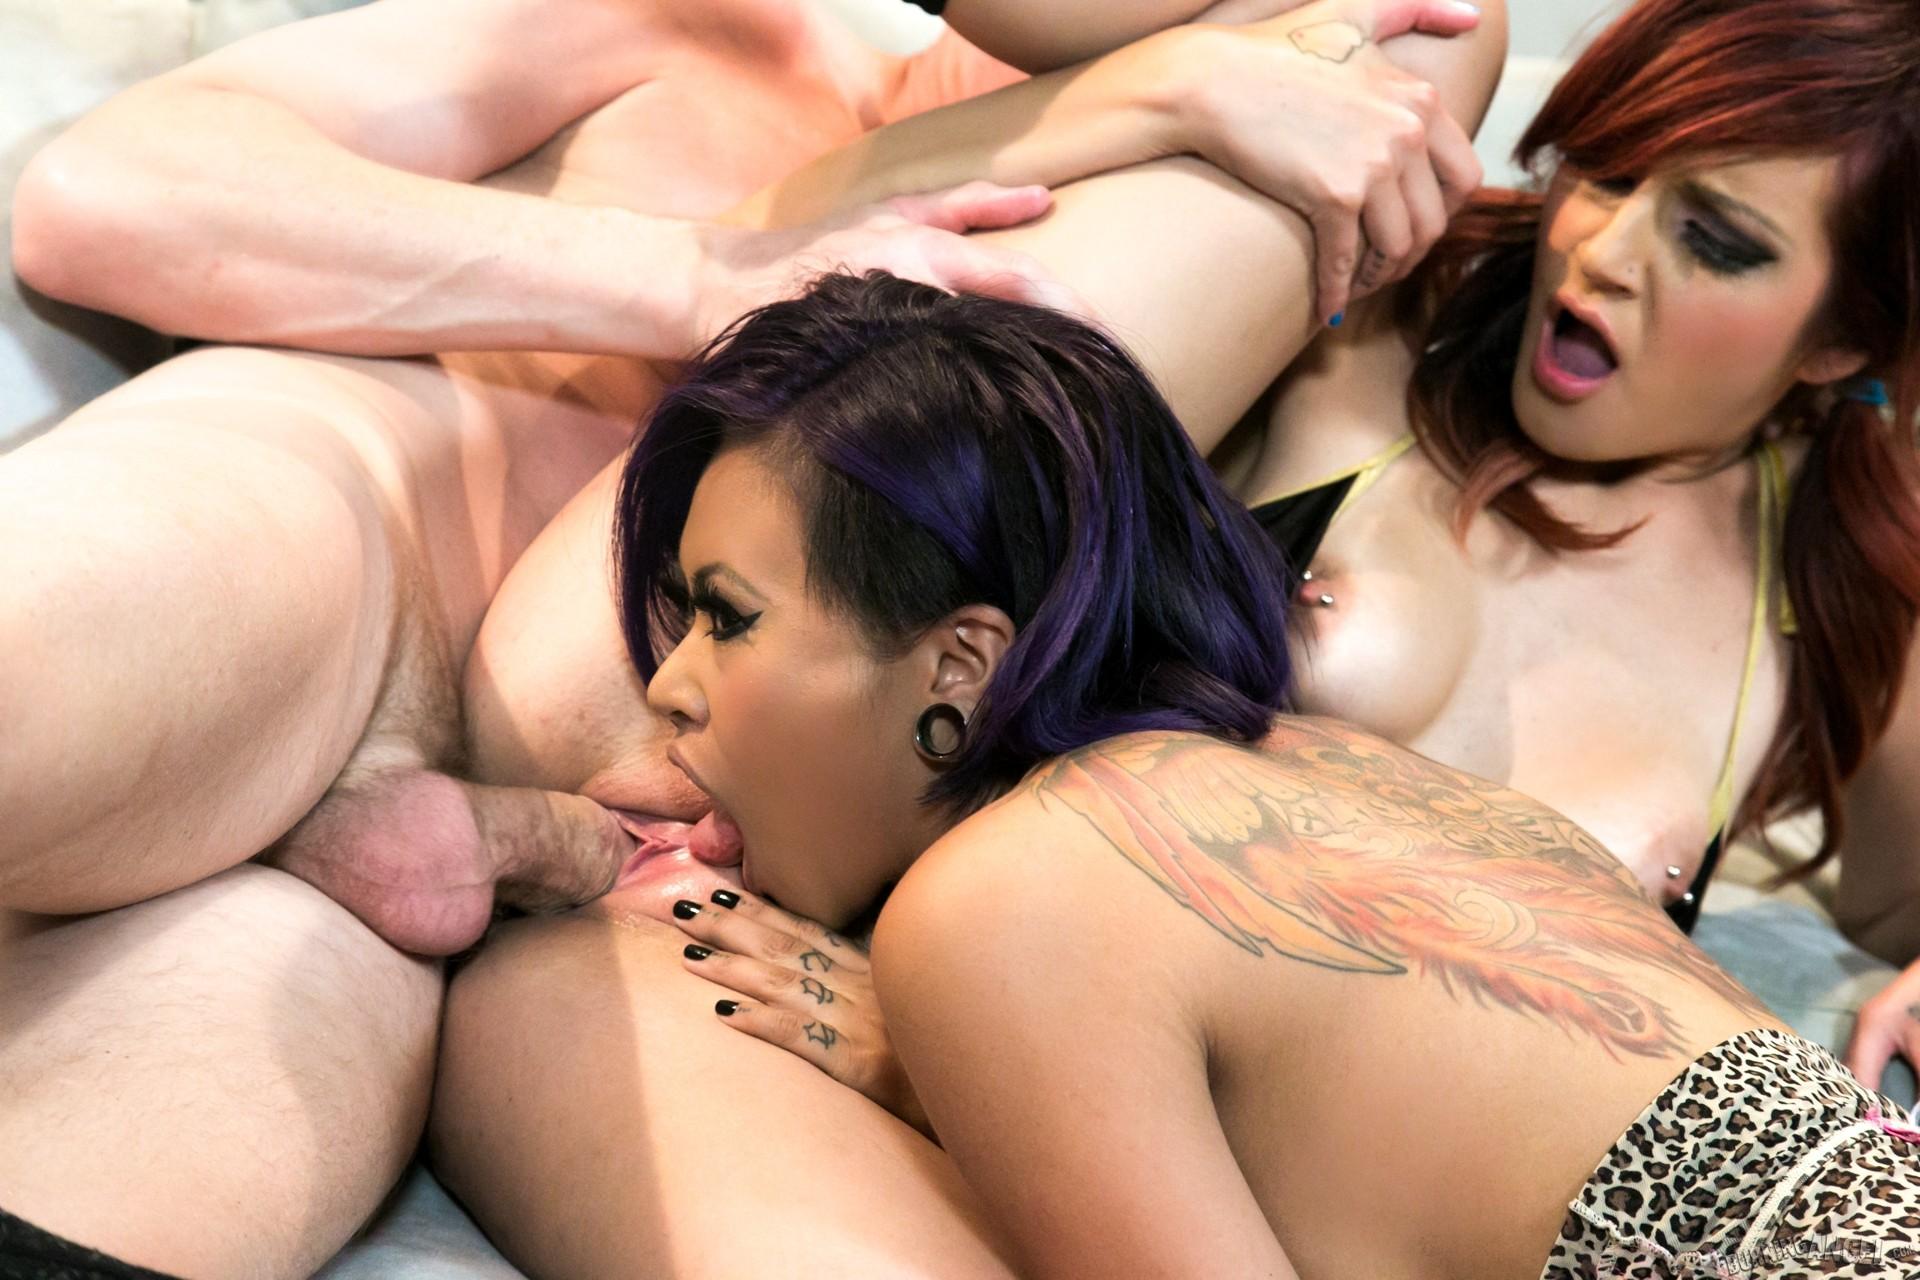 Два эмобоя порно, чувак трахает цыпочку во все ее сладкие дыры